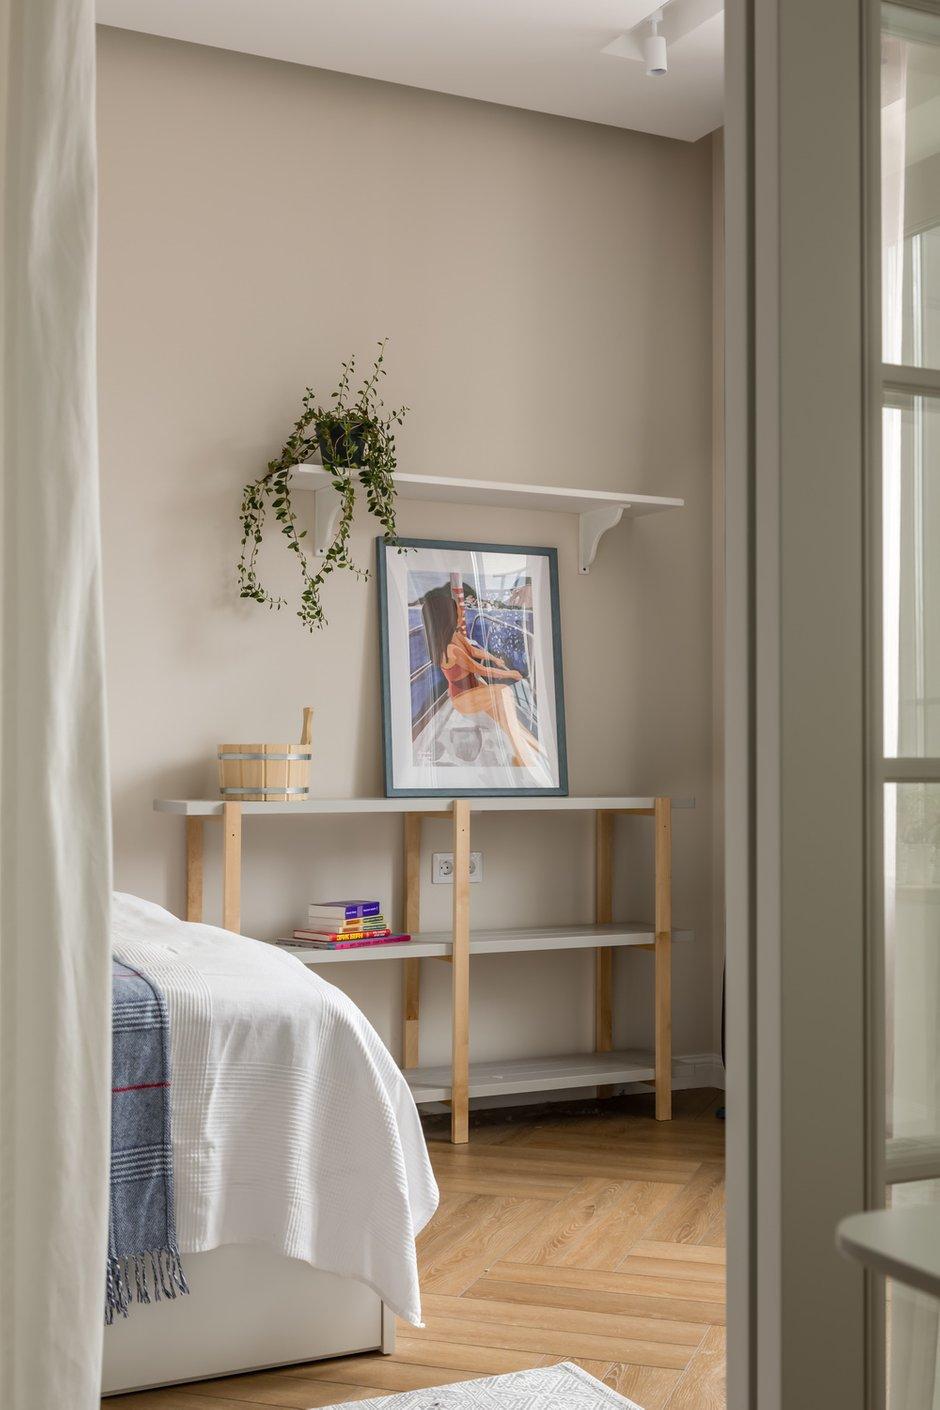 Фотография: Спальня в стиле Скандинавский, Современный, Квартира, Проект недели, Москва, Buro Brainstorm, 1 комната, 40-60 метров – фото на INMYROOM